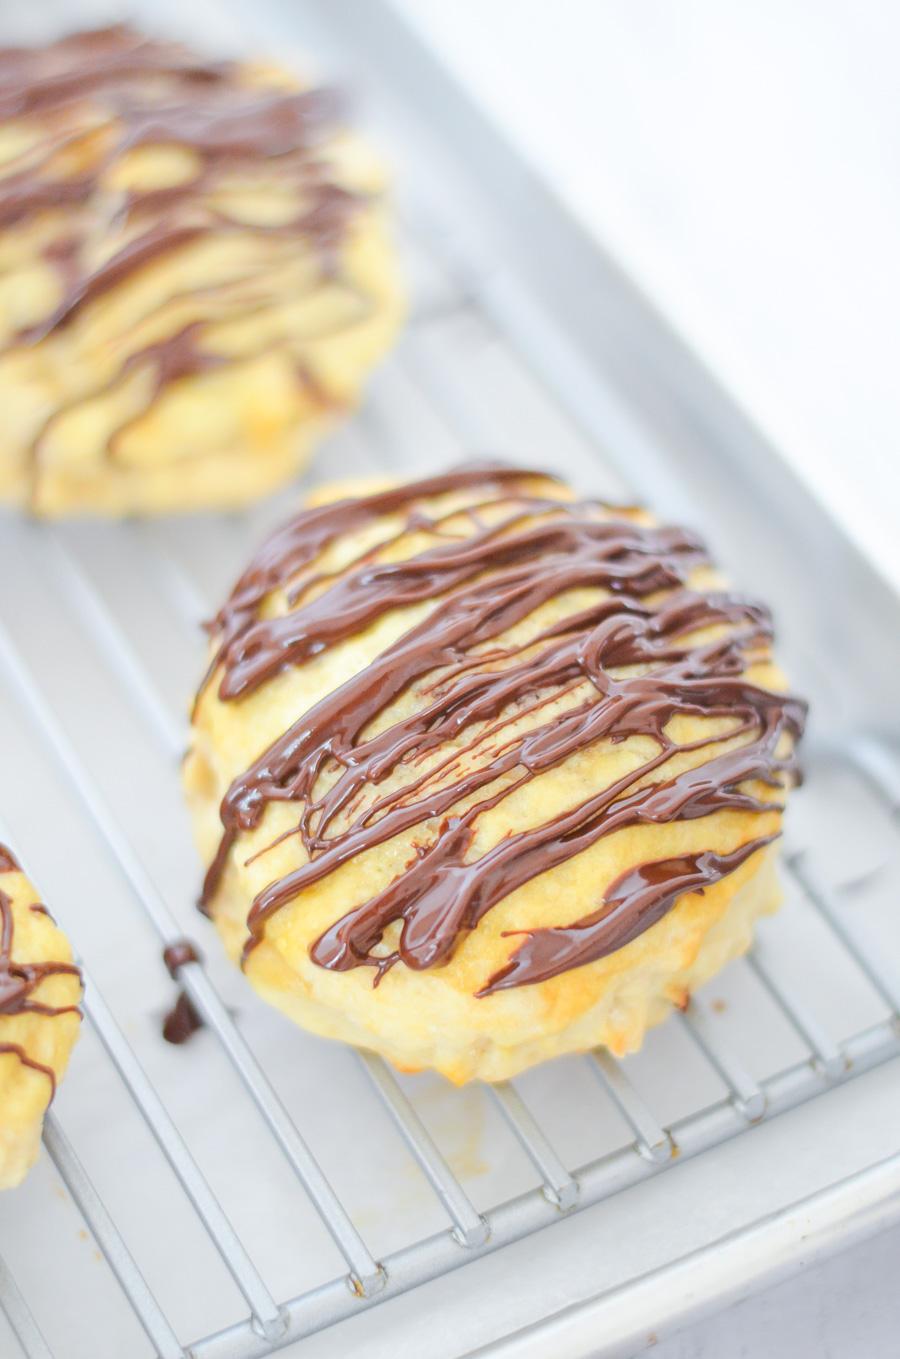 Dahlia Bakery Cherry Almond Scones